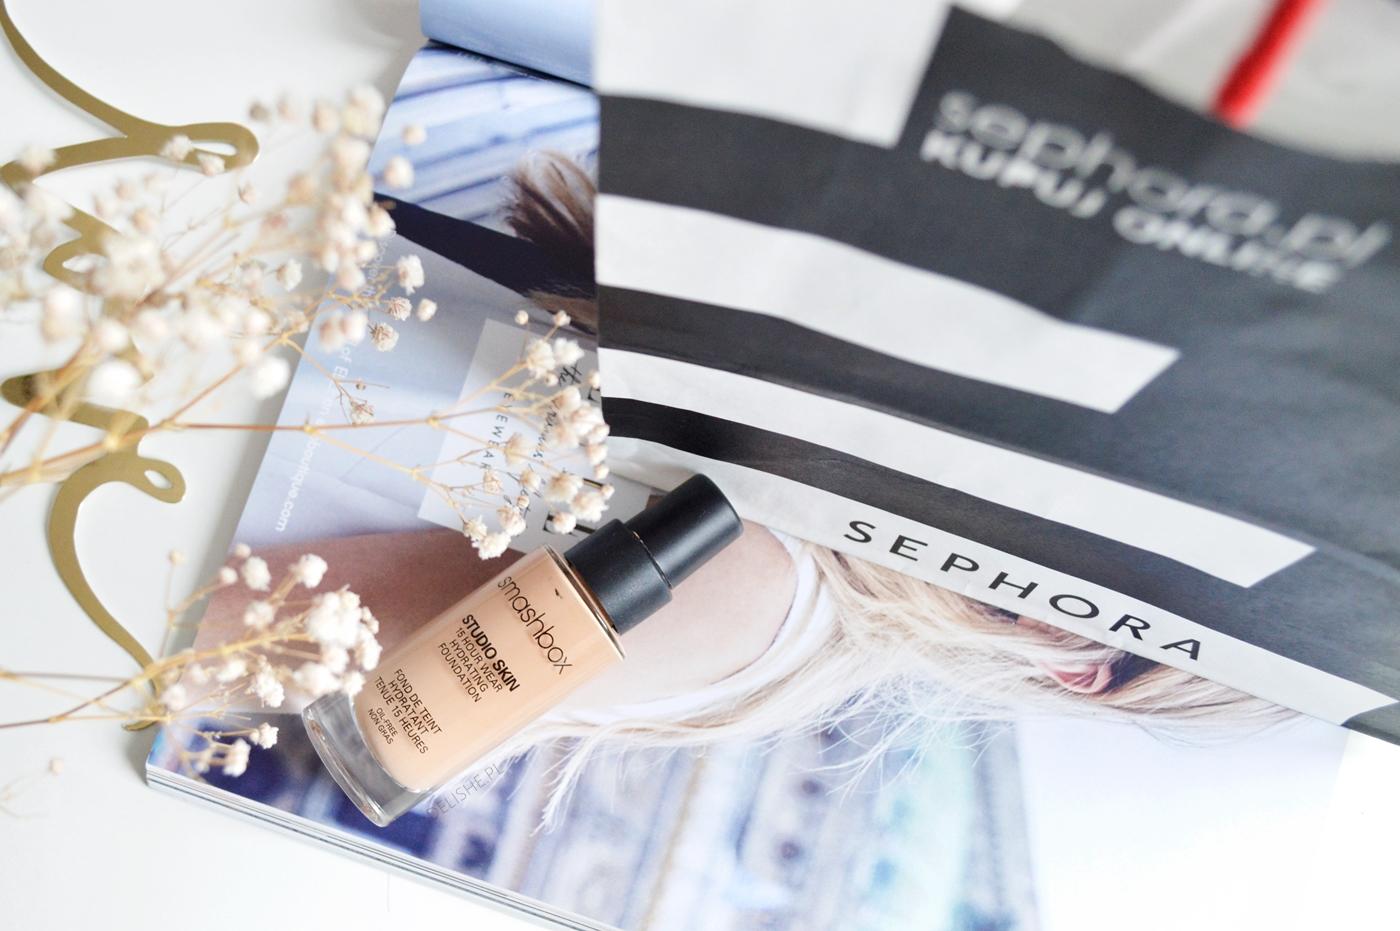 Co kupić w Sephora, -20% na kosmetyki do makijażu